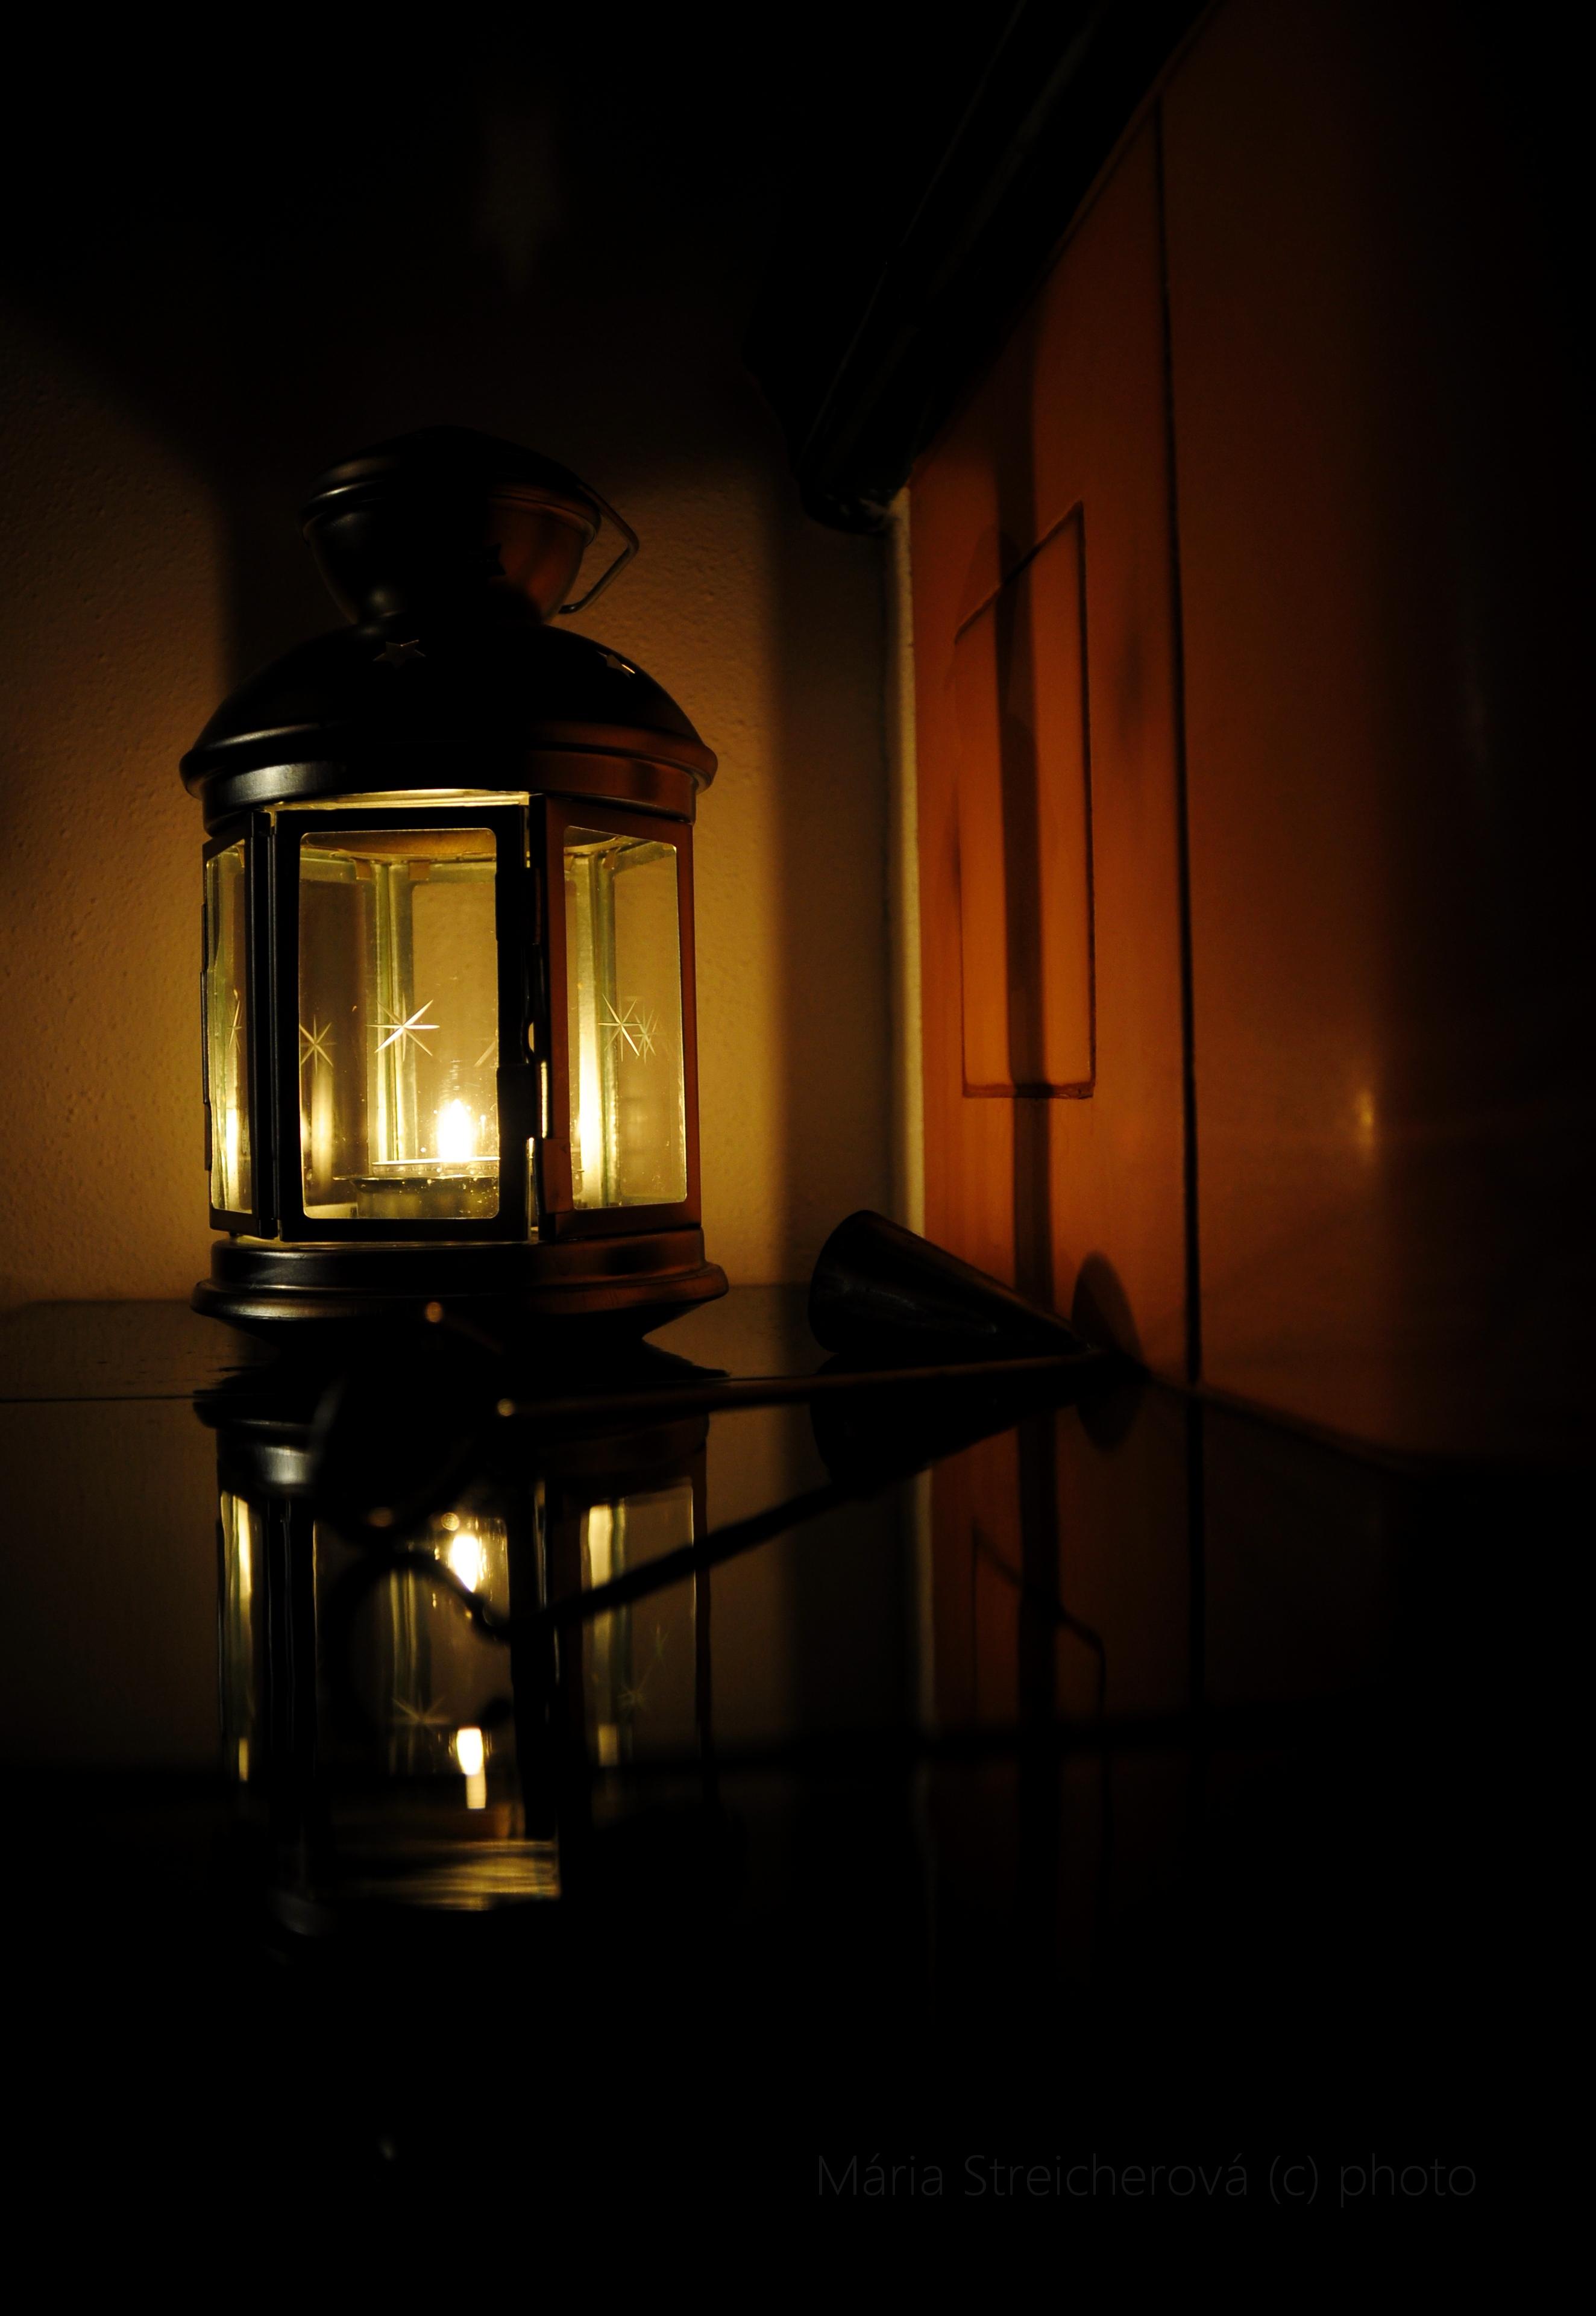 Kovový lampáš so sviečkou, zhášadlo a ich odraz na lesklých kachliciach kachľovej pece